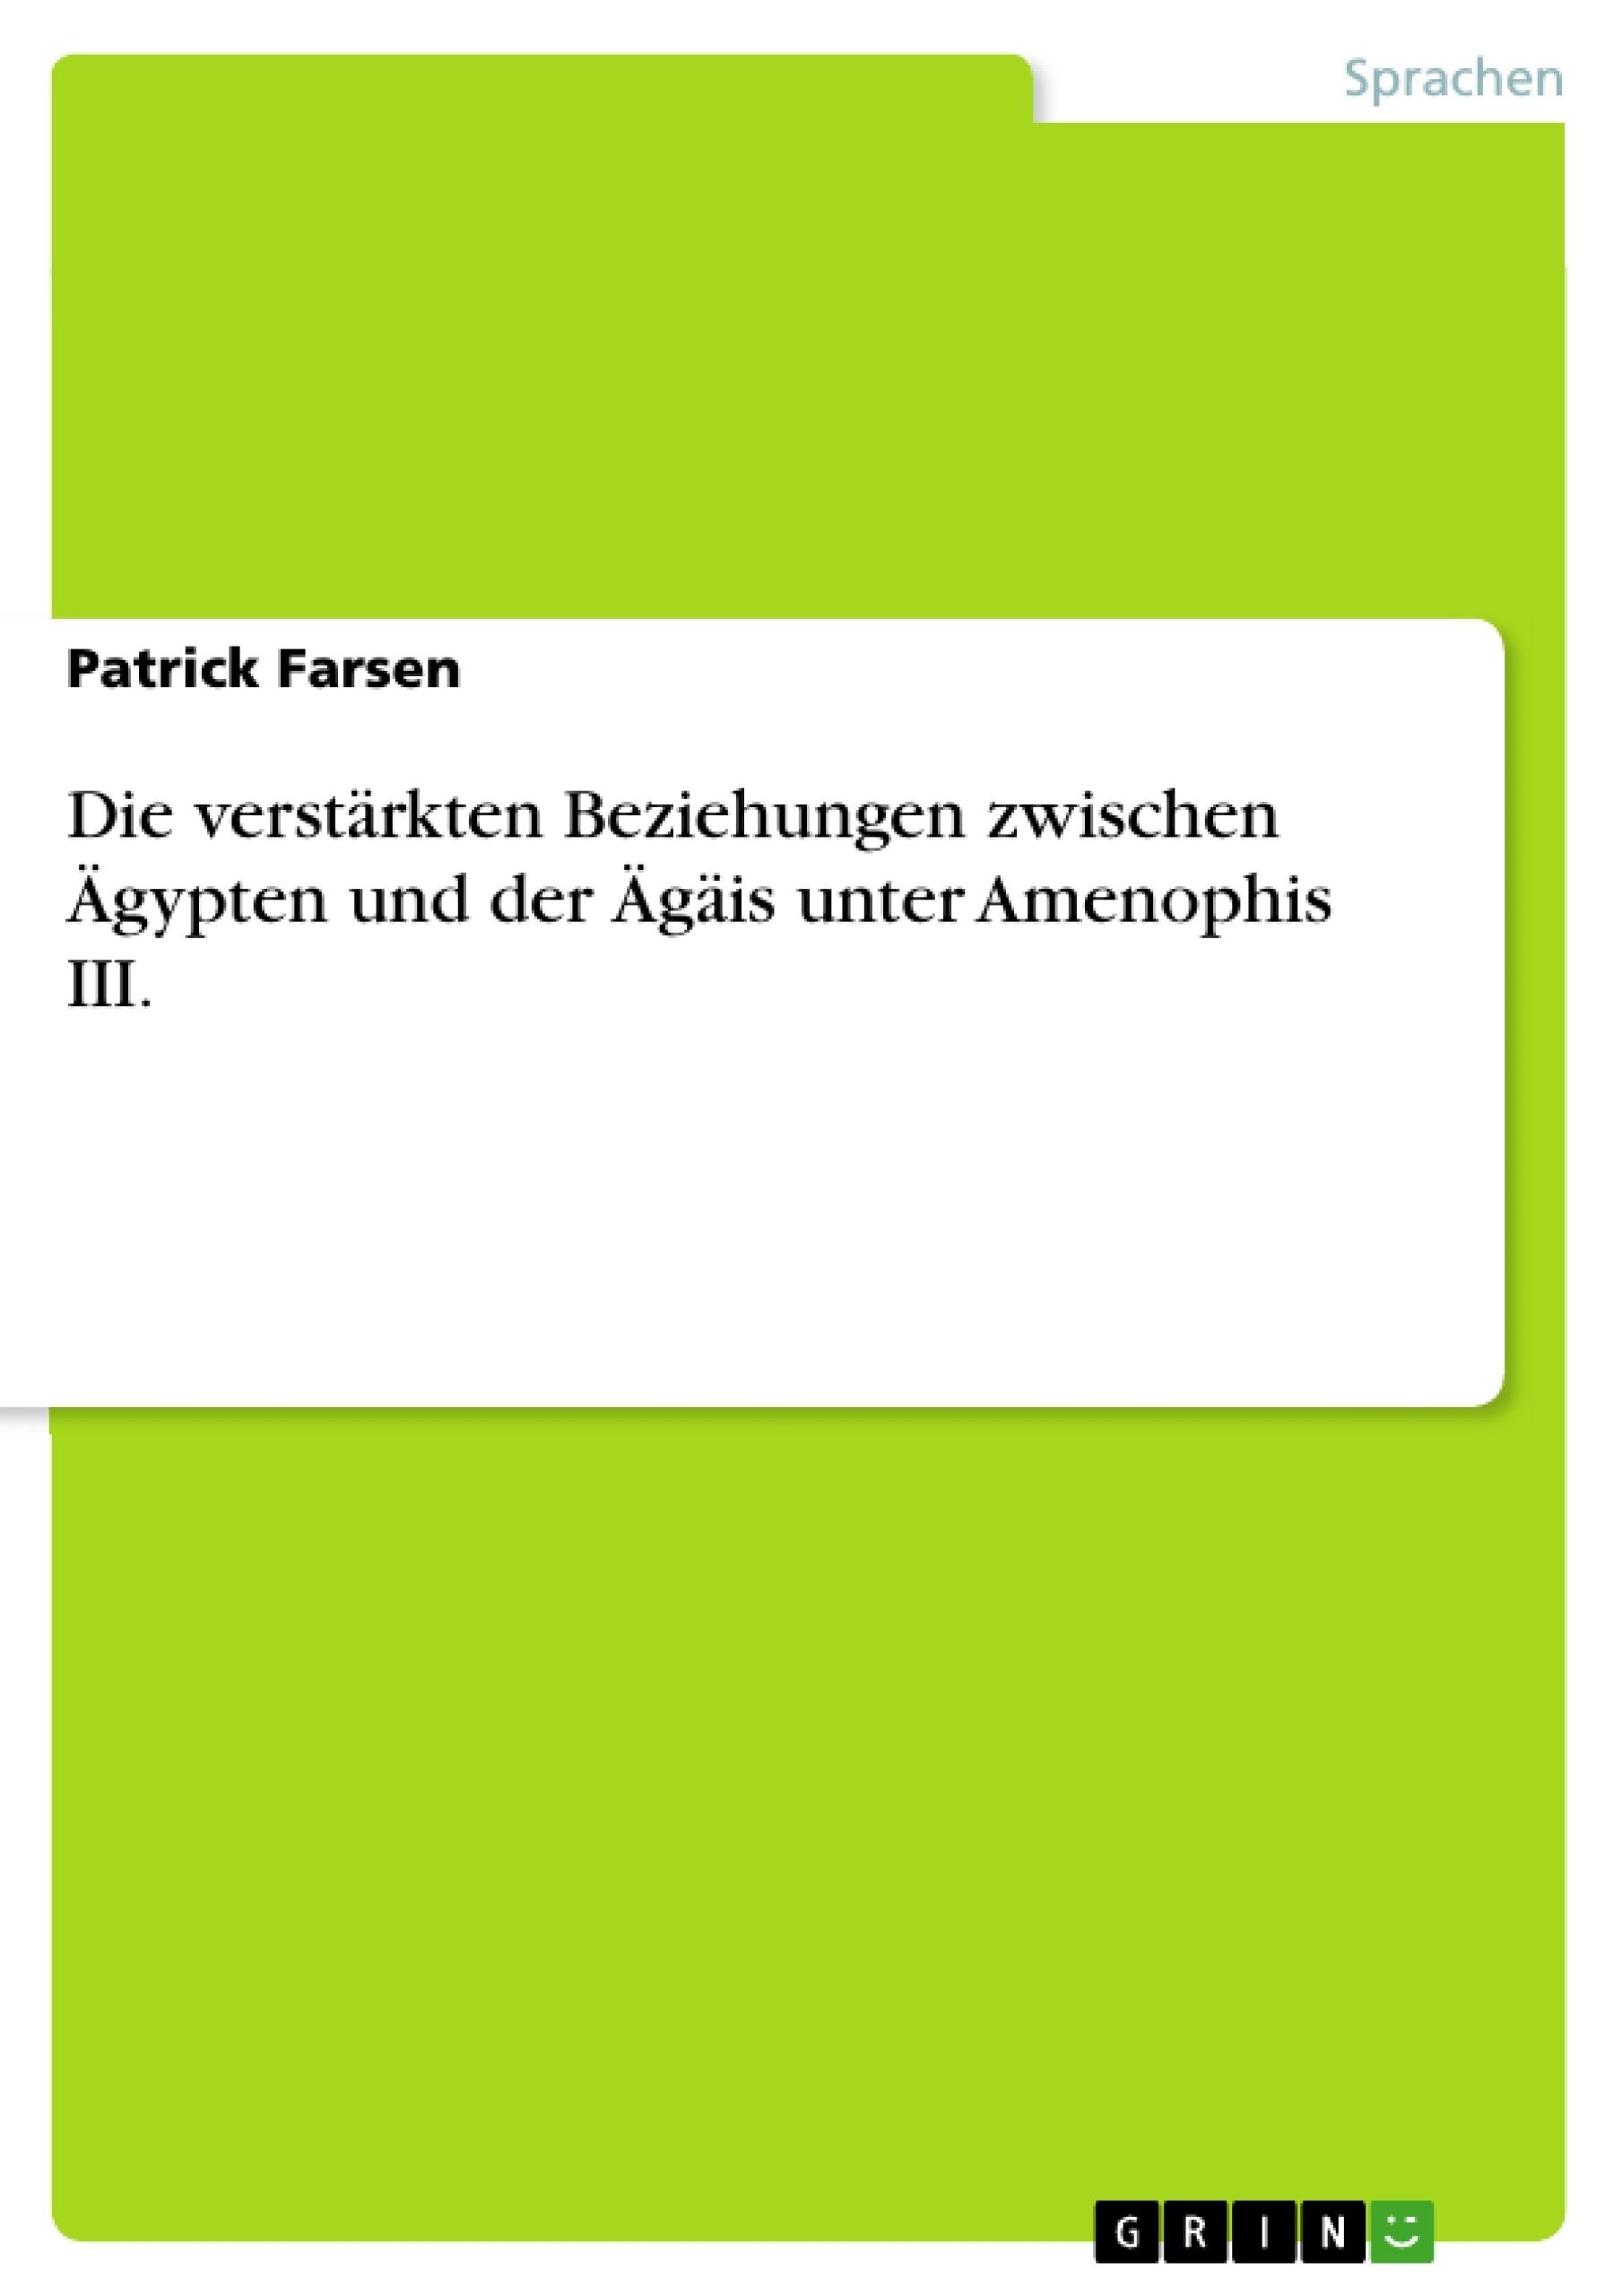 Titel: Die verstärkten Beziehungen zwischen Ägypten und der Ägäis unter Amenophis III.